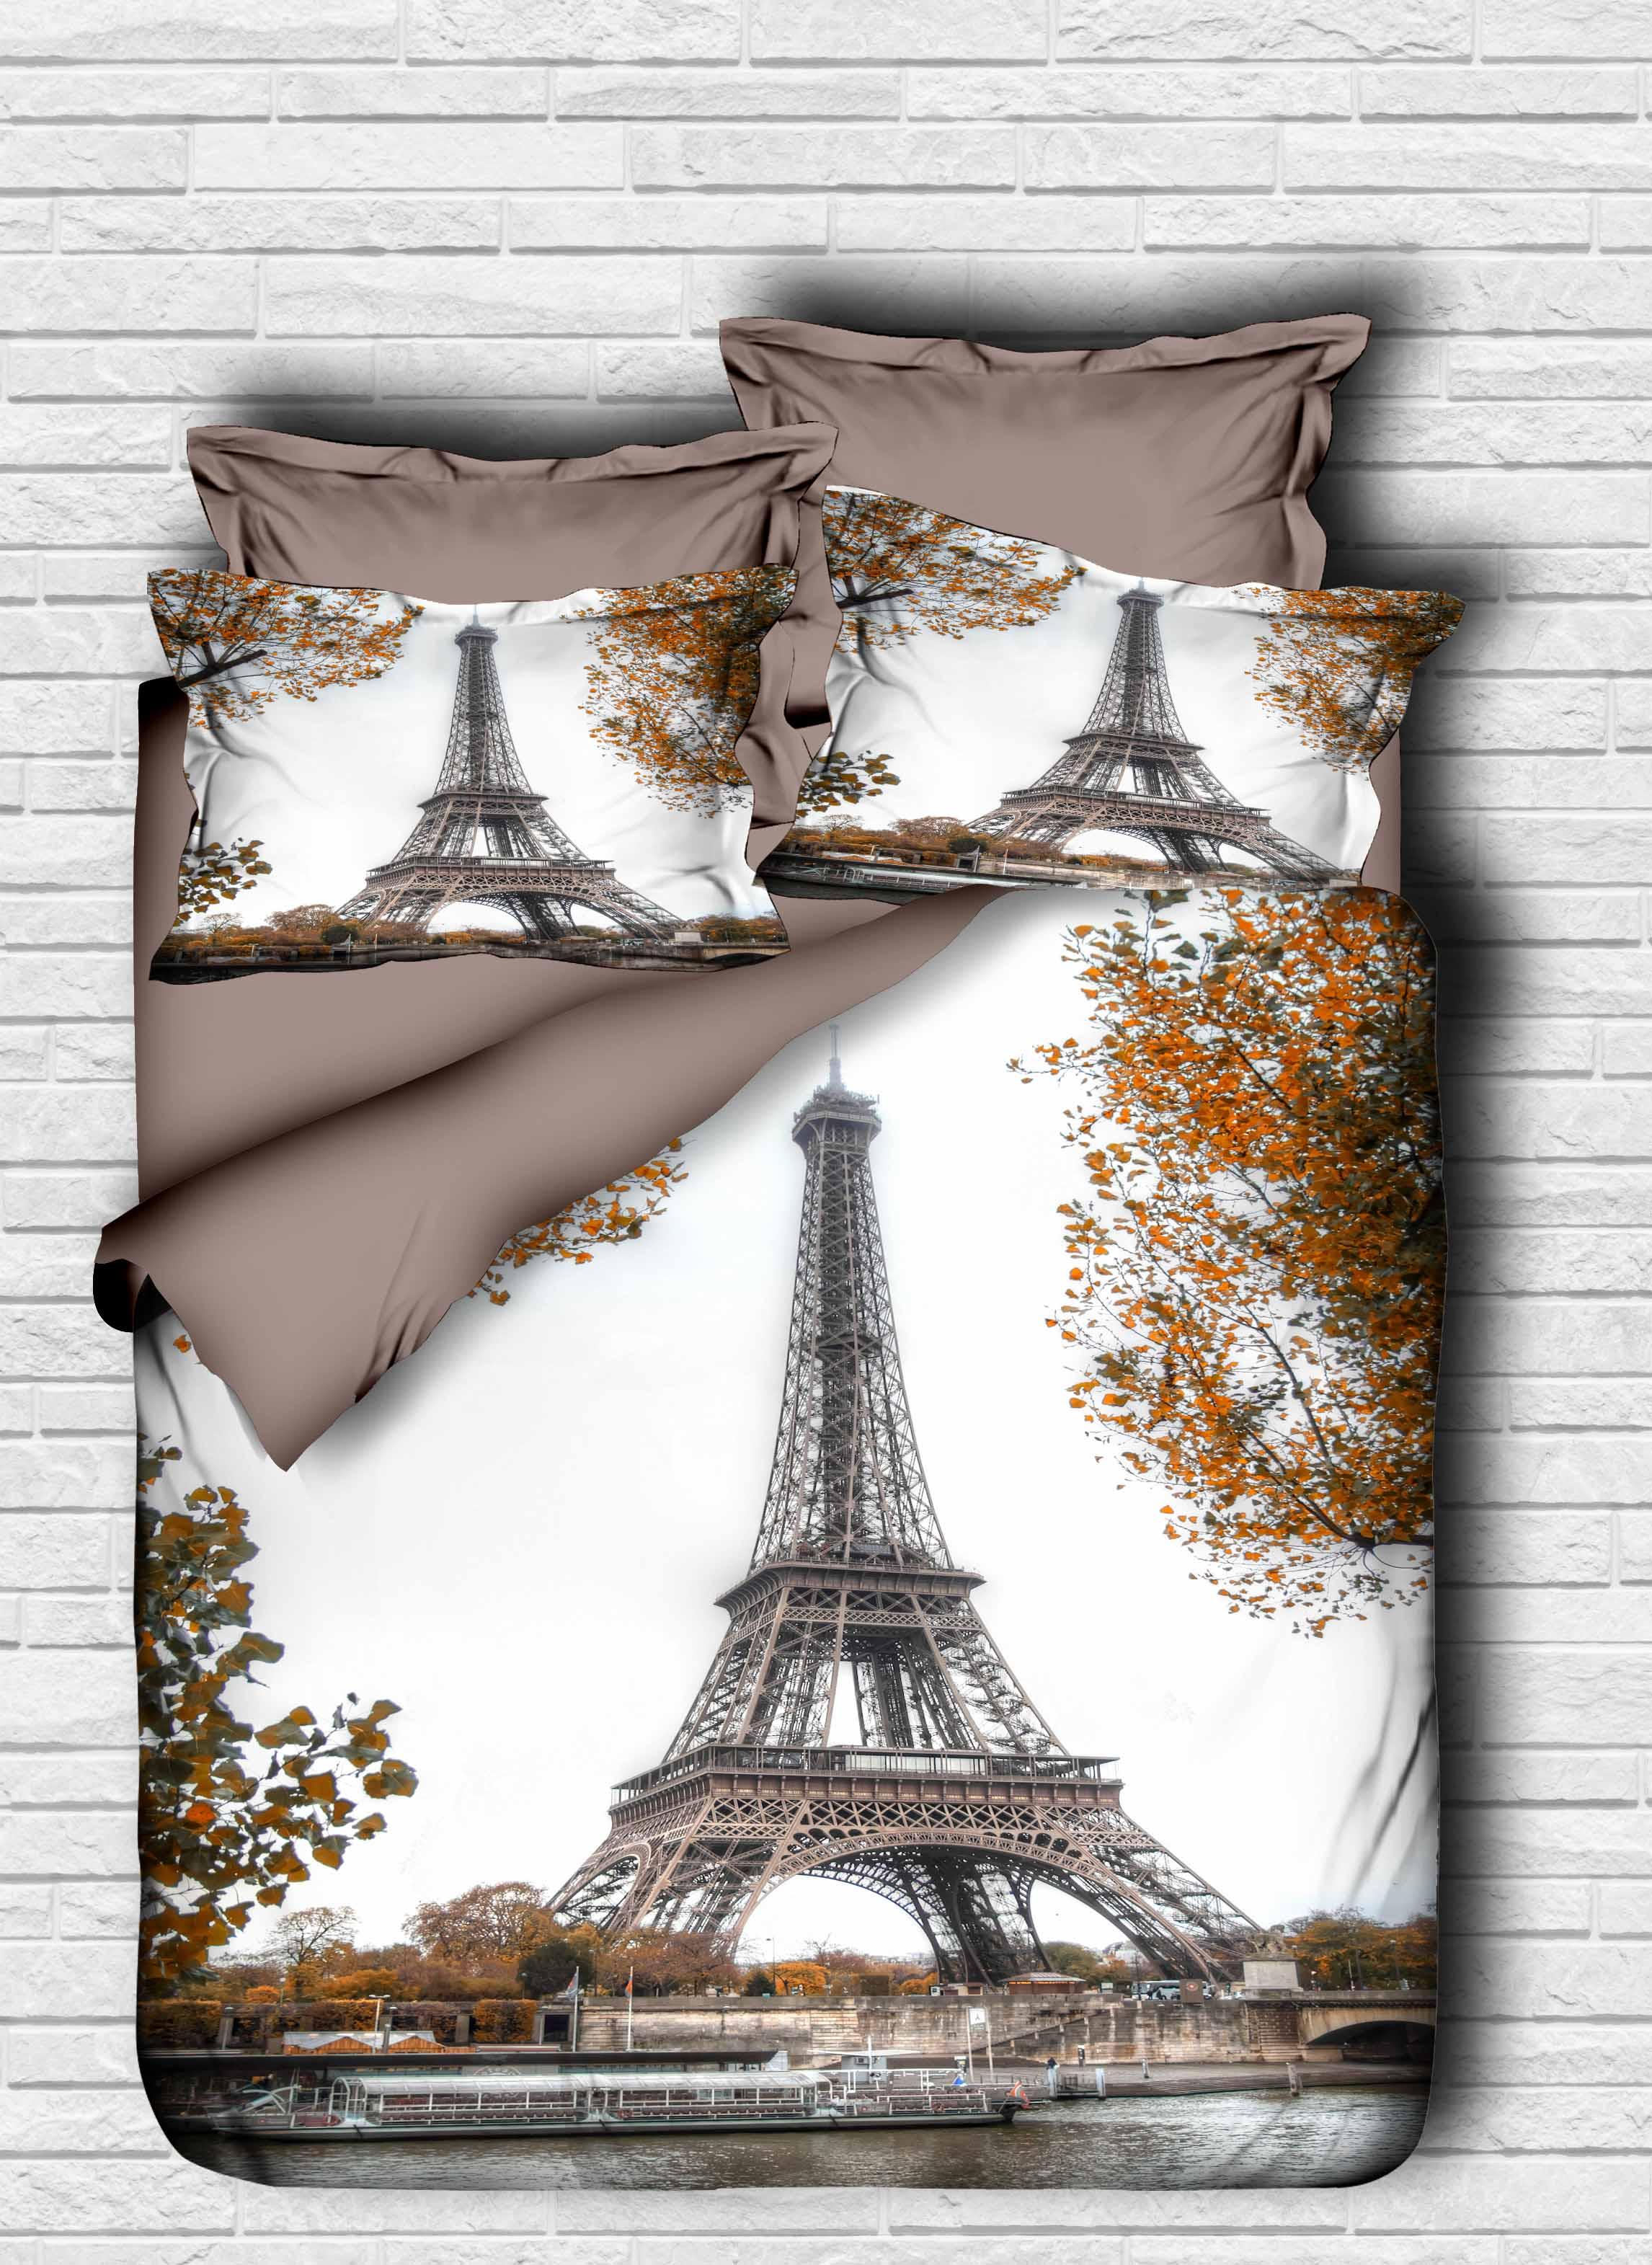 طقم غطاء لحاف مطبوع ثلاثي الأبعاد ، طقم أغطية سرير من القطن التركي ، برج إيفل ، باريس ، صنع في تركيا ، 100%